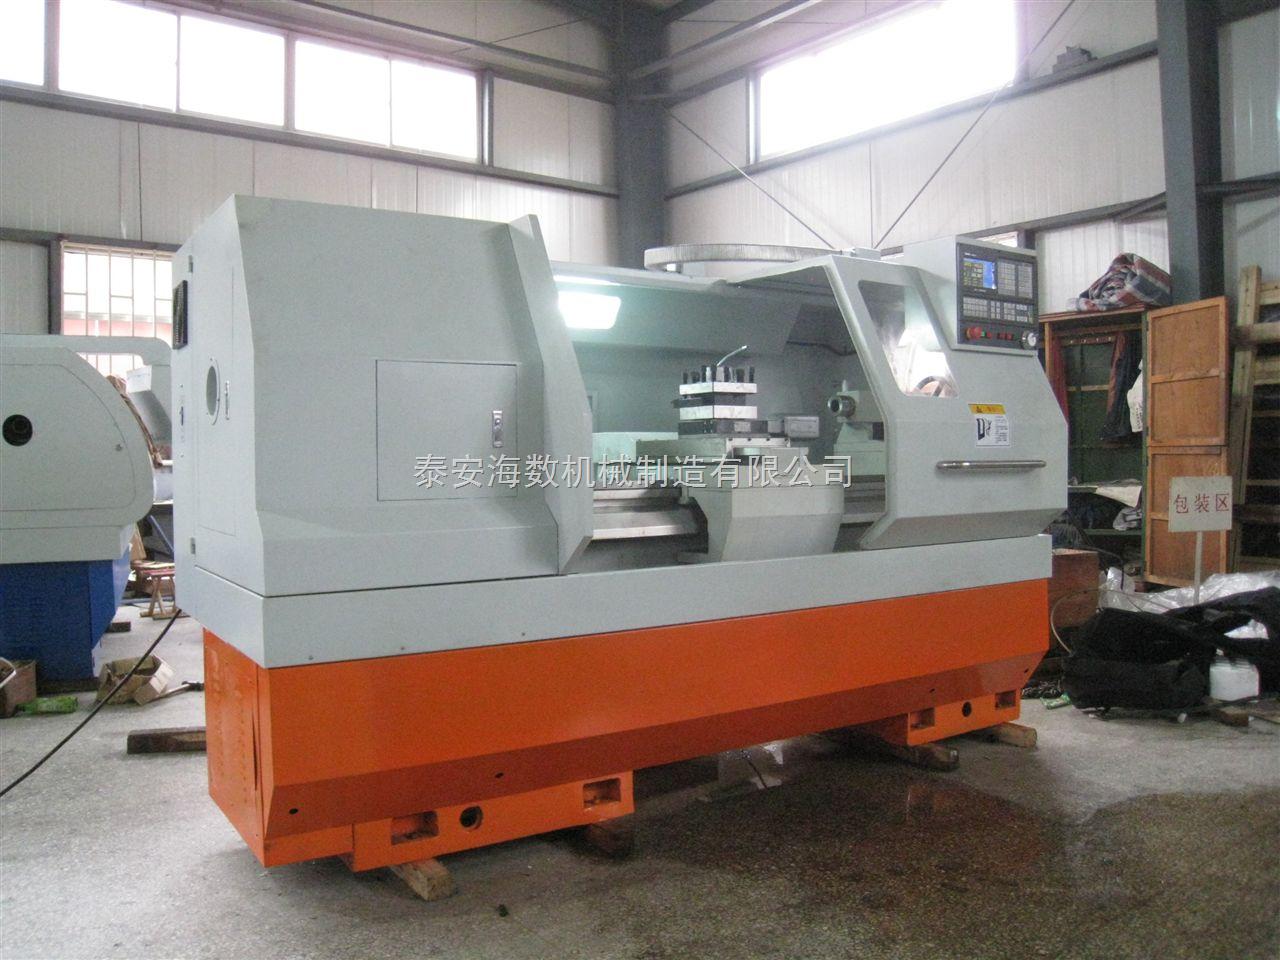 泰安科瑞思特机械有限公司生产数控车床